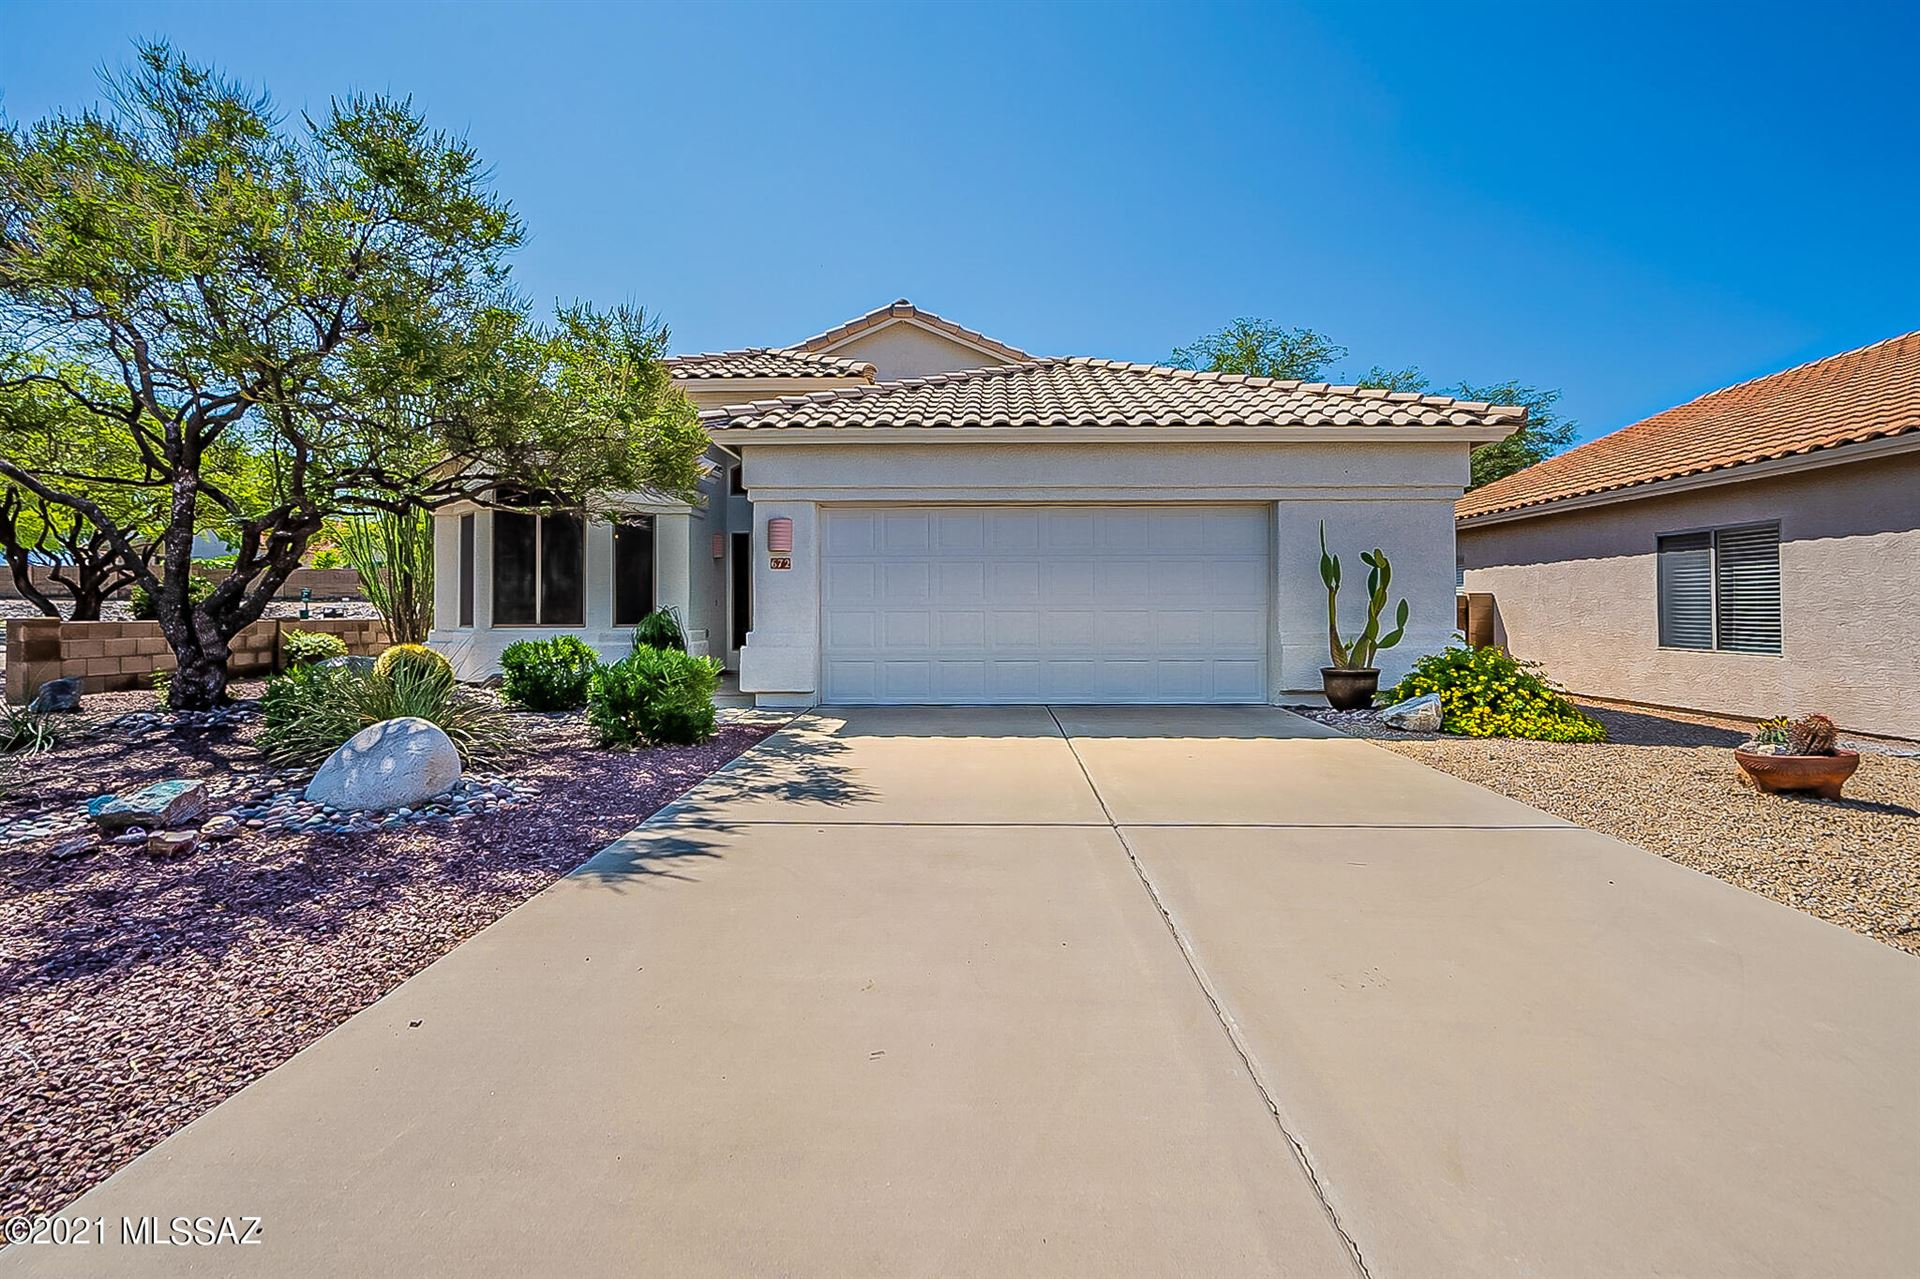 672 S Rincon Rising Road, Tucson, AZ 85748 - MLS#: 22119539